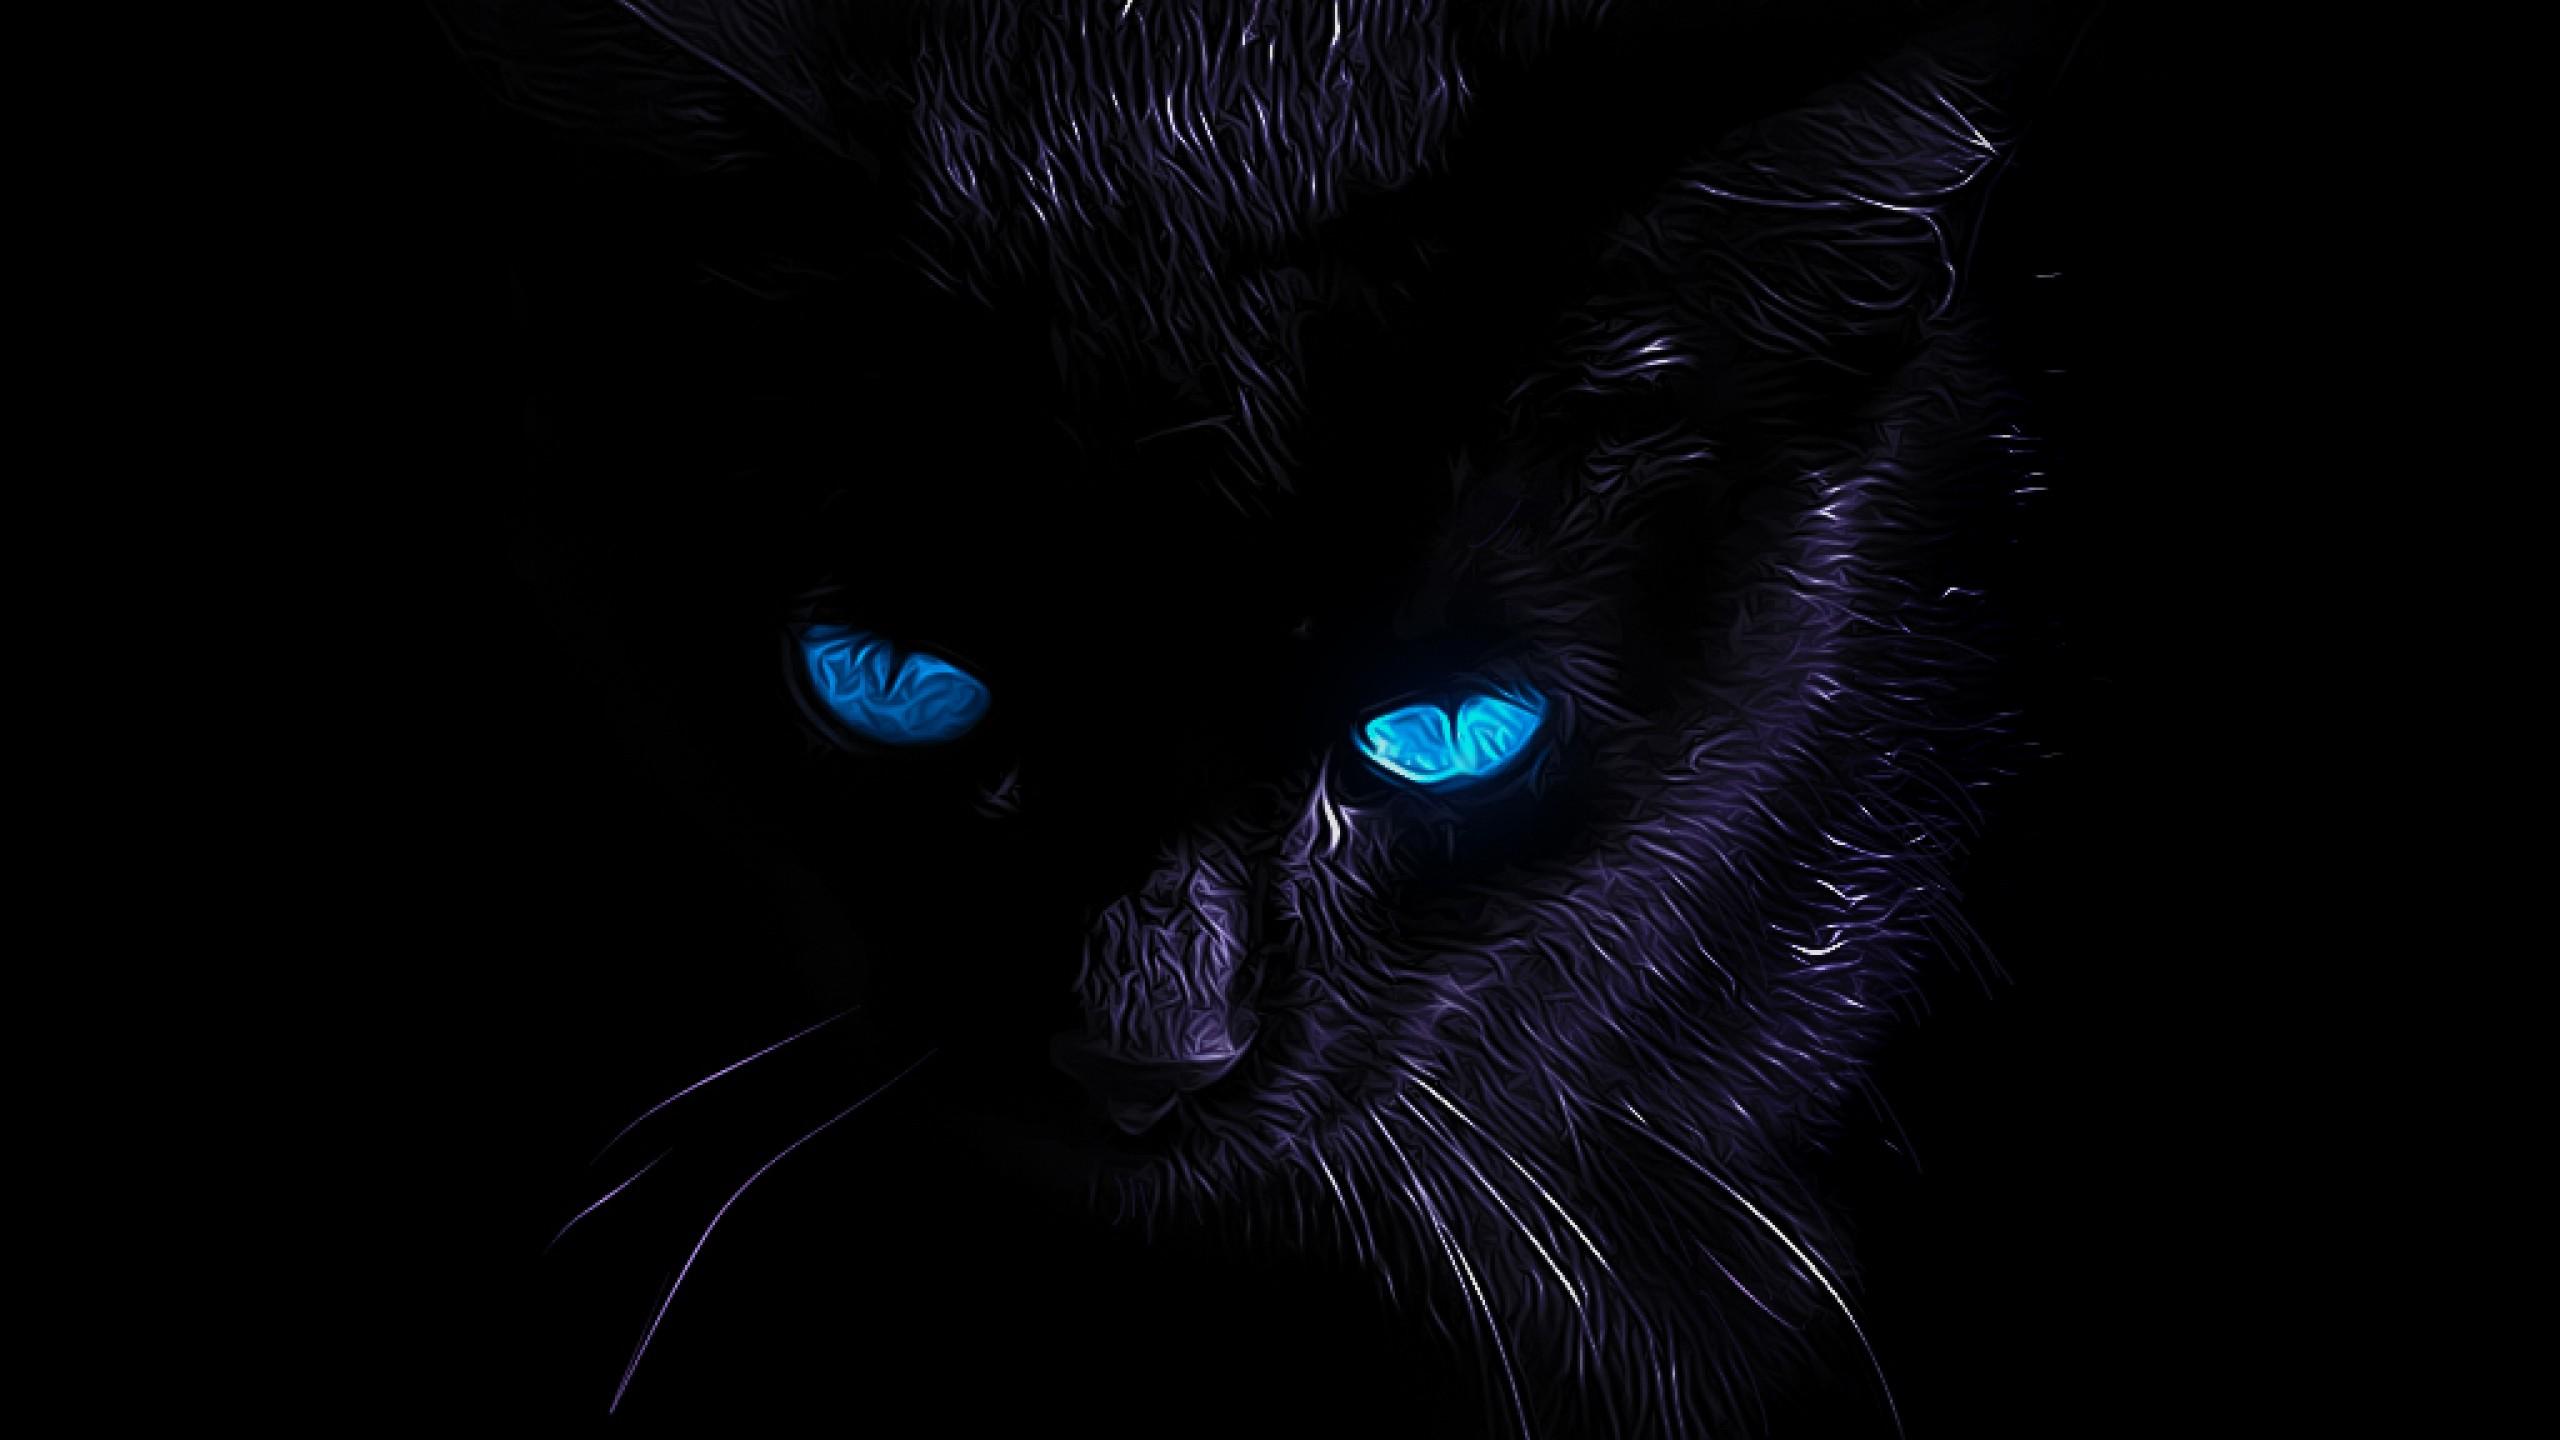 black cat 36 hd wallpaper